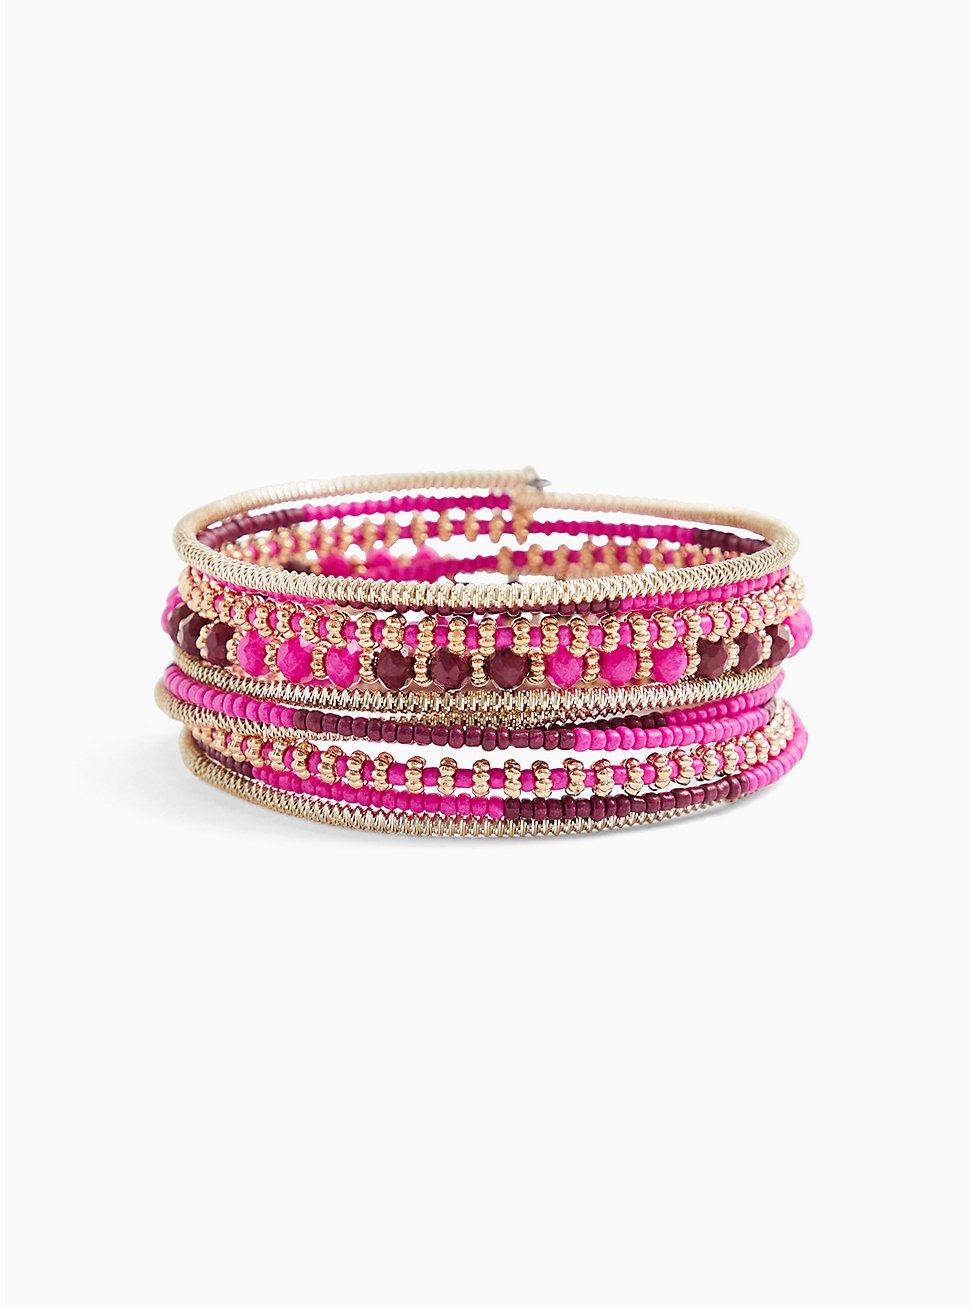 Hot Pink Beaded Stretch Coil Bracelet, PINK, hi-res